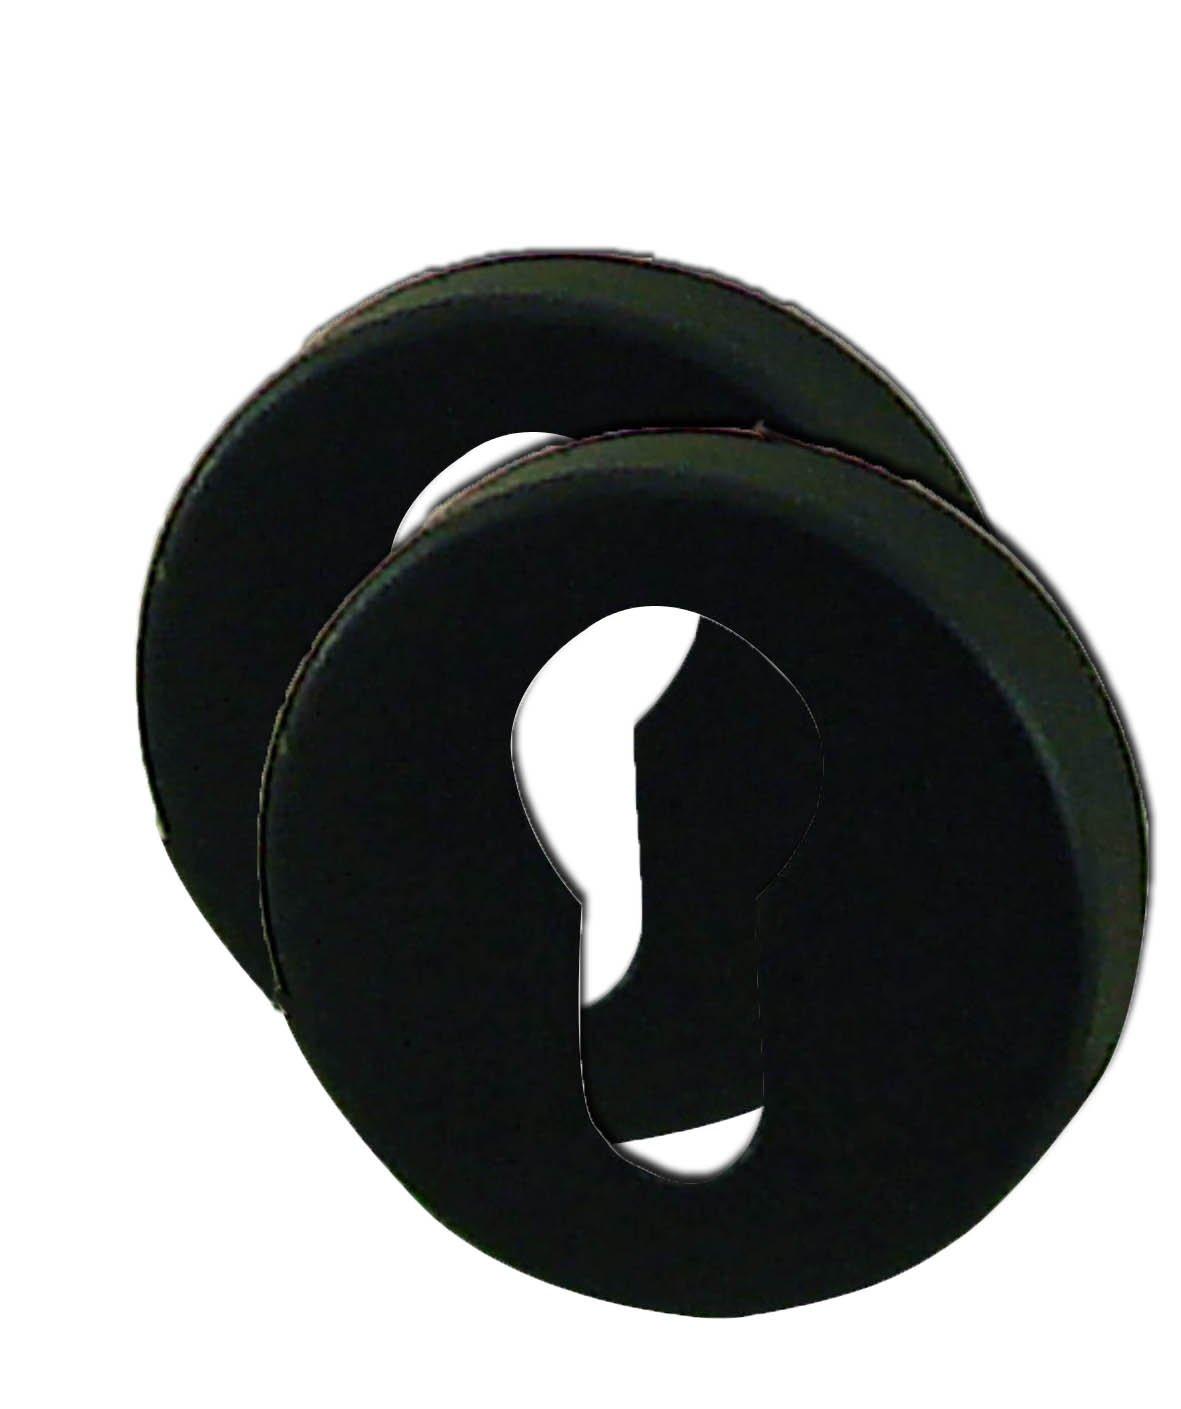 DT 2000 101982 2 Rosaces cluses aluminium Noir mat cylindre